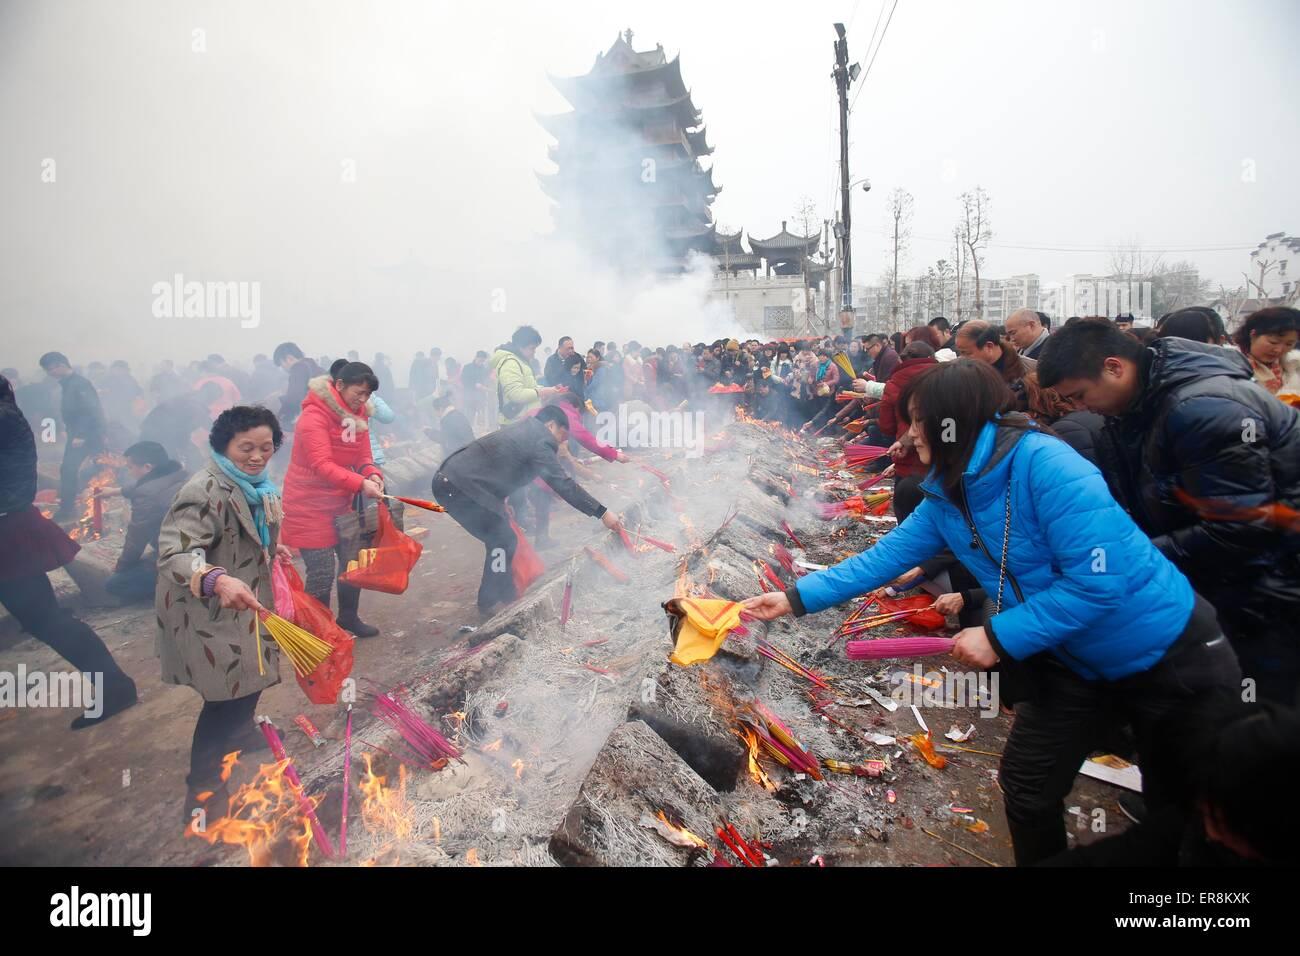 23 févr. 2015 - Shanghai, Chine - Chinois soleil brûler les encens de prier à l'GuiyuanTemple Photo Stock